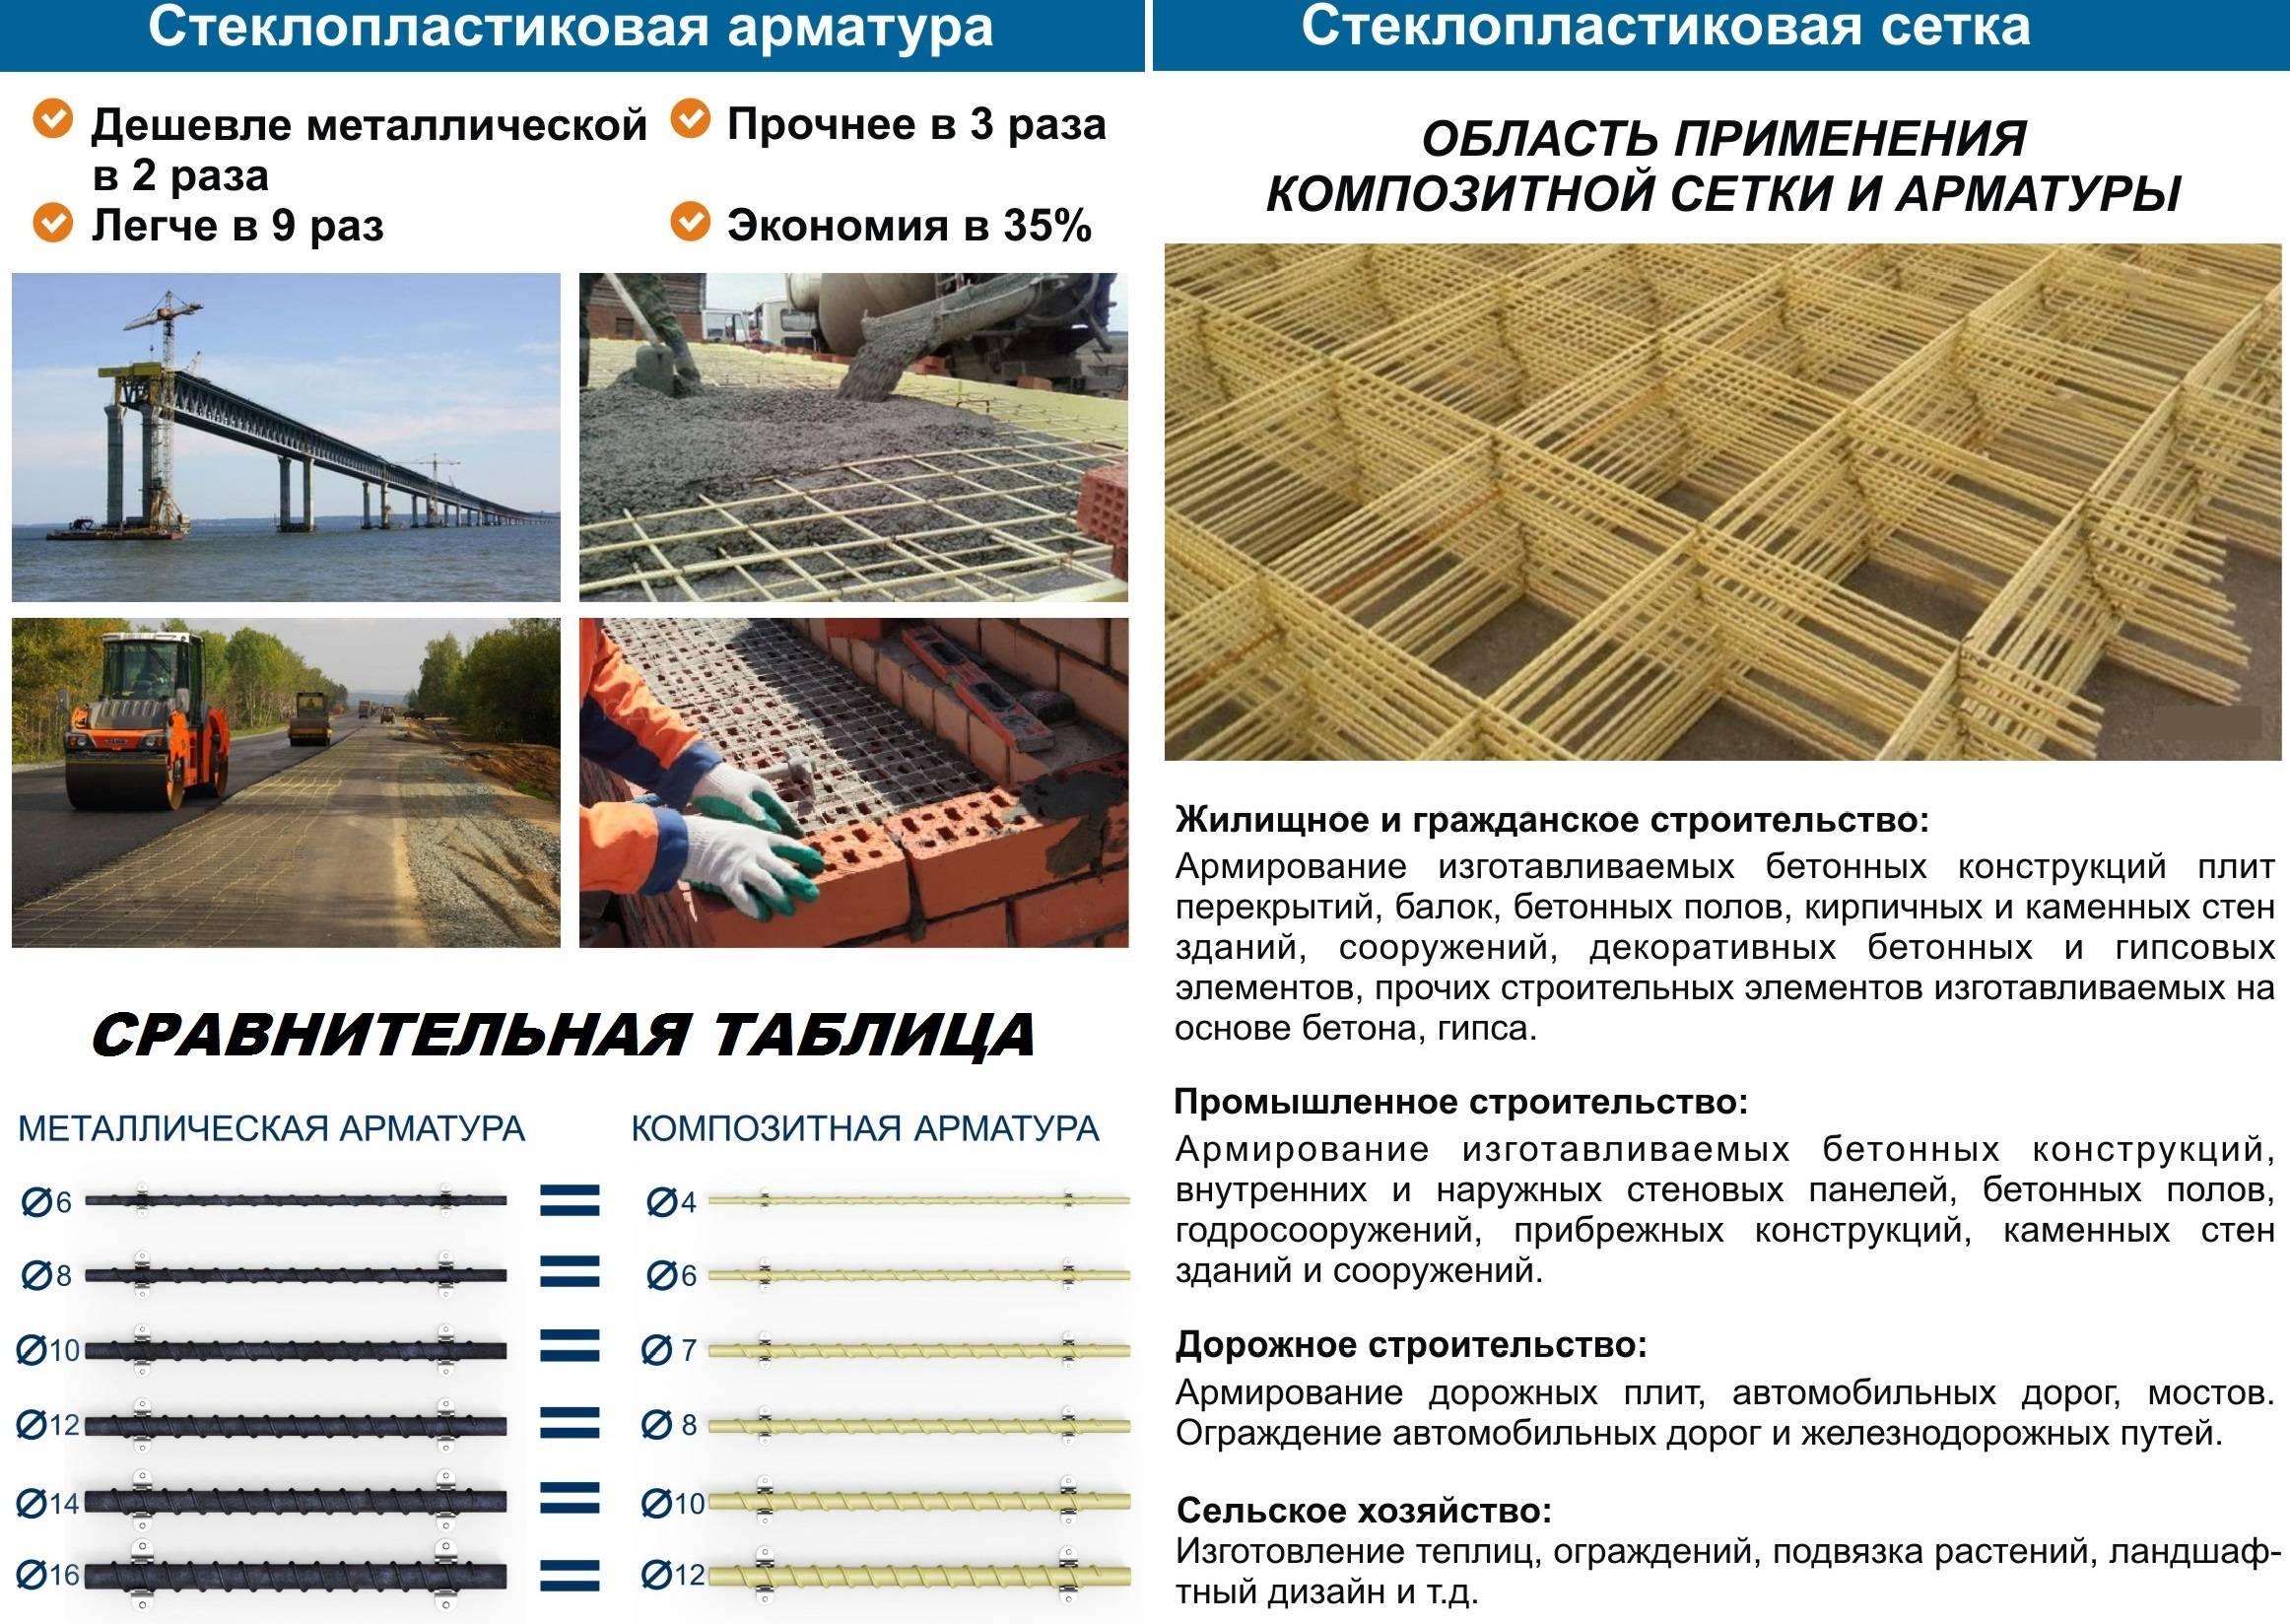 Композитная (пластиковая) арматура: виды, характеристики, плюсы и минусы, область применение в строительстве.